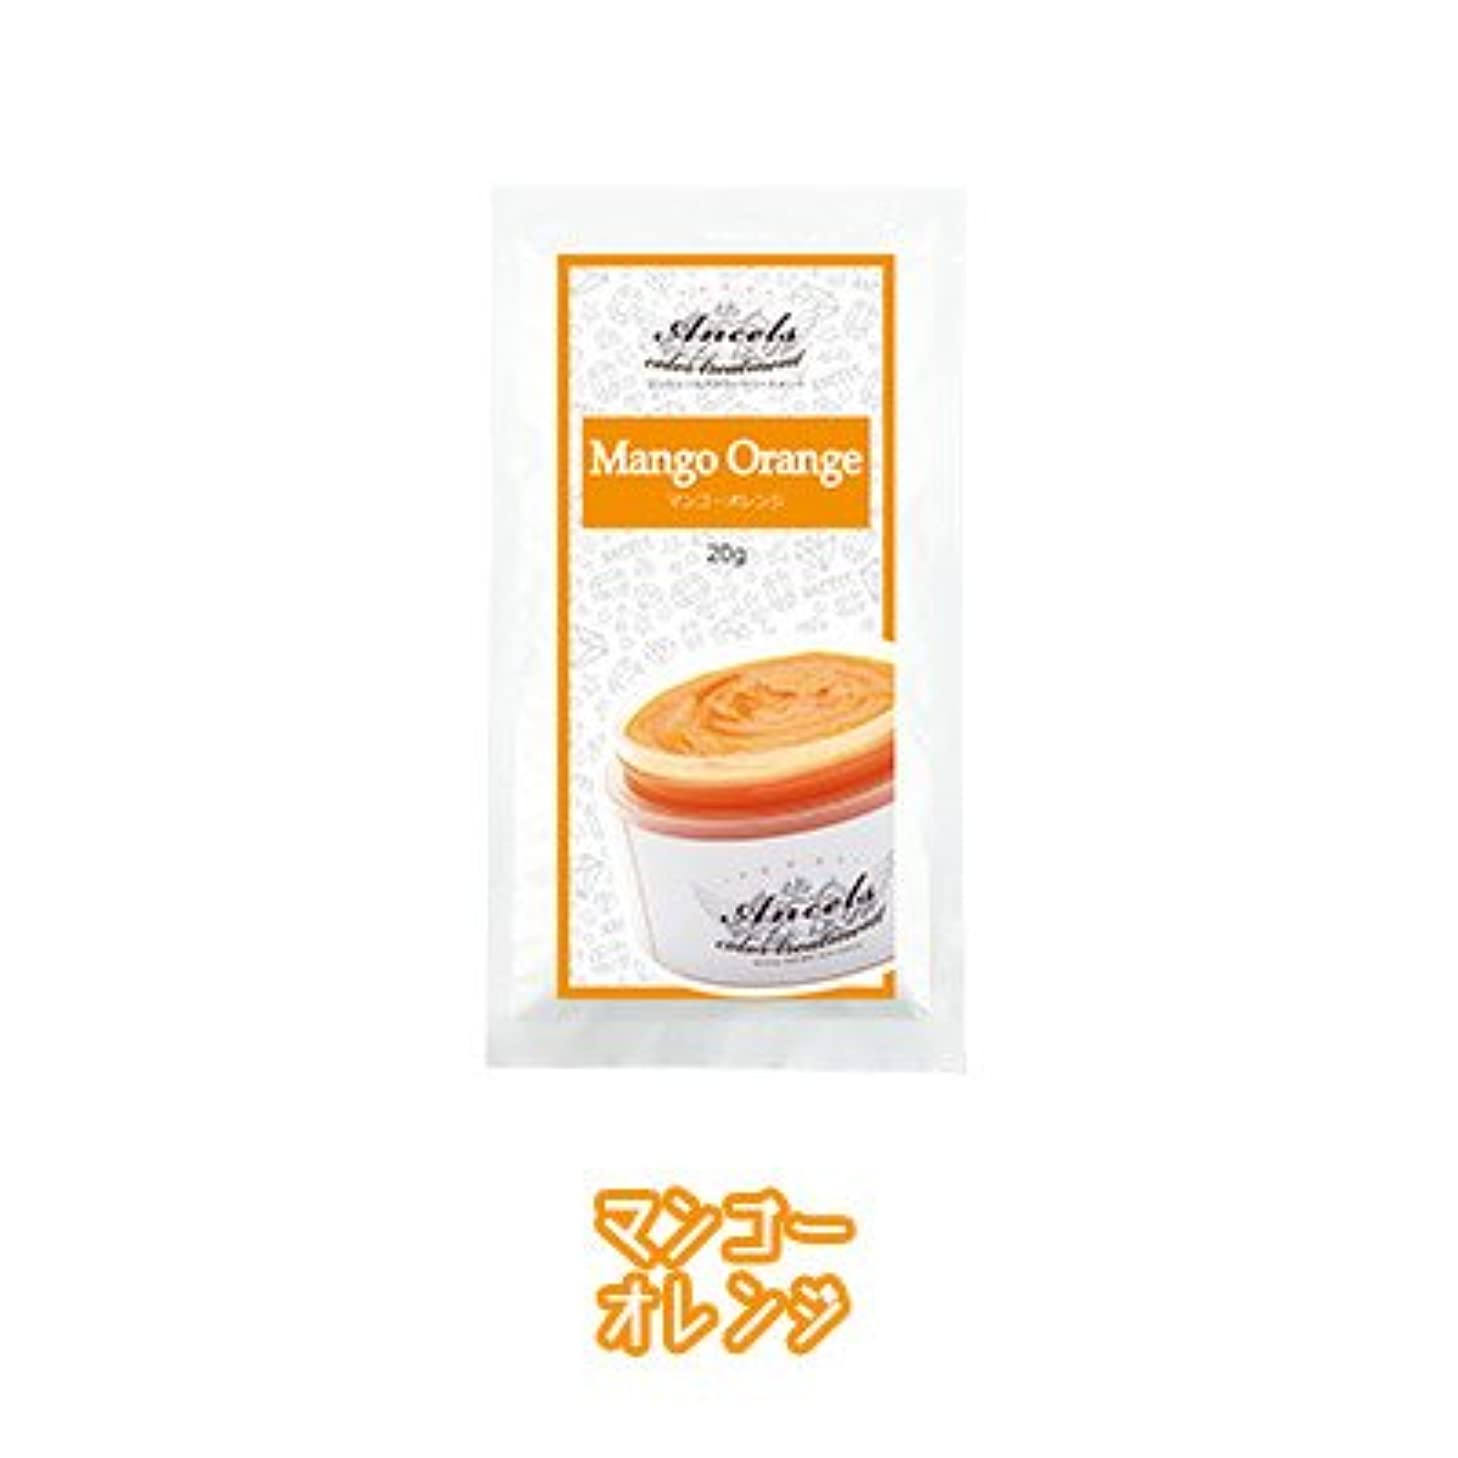 衣類サーバダーベビルのテスエンシェールズ カラートリートメントバター プチ(お試しサイズ) マンゴーオレンジ 20g